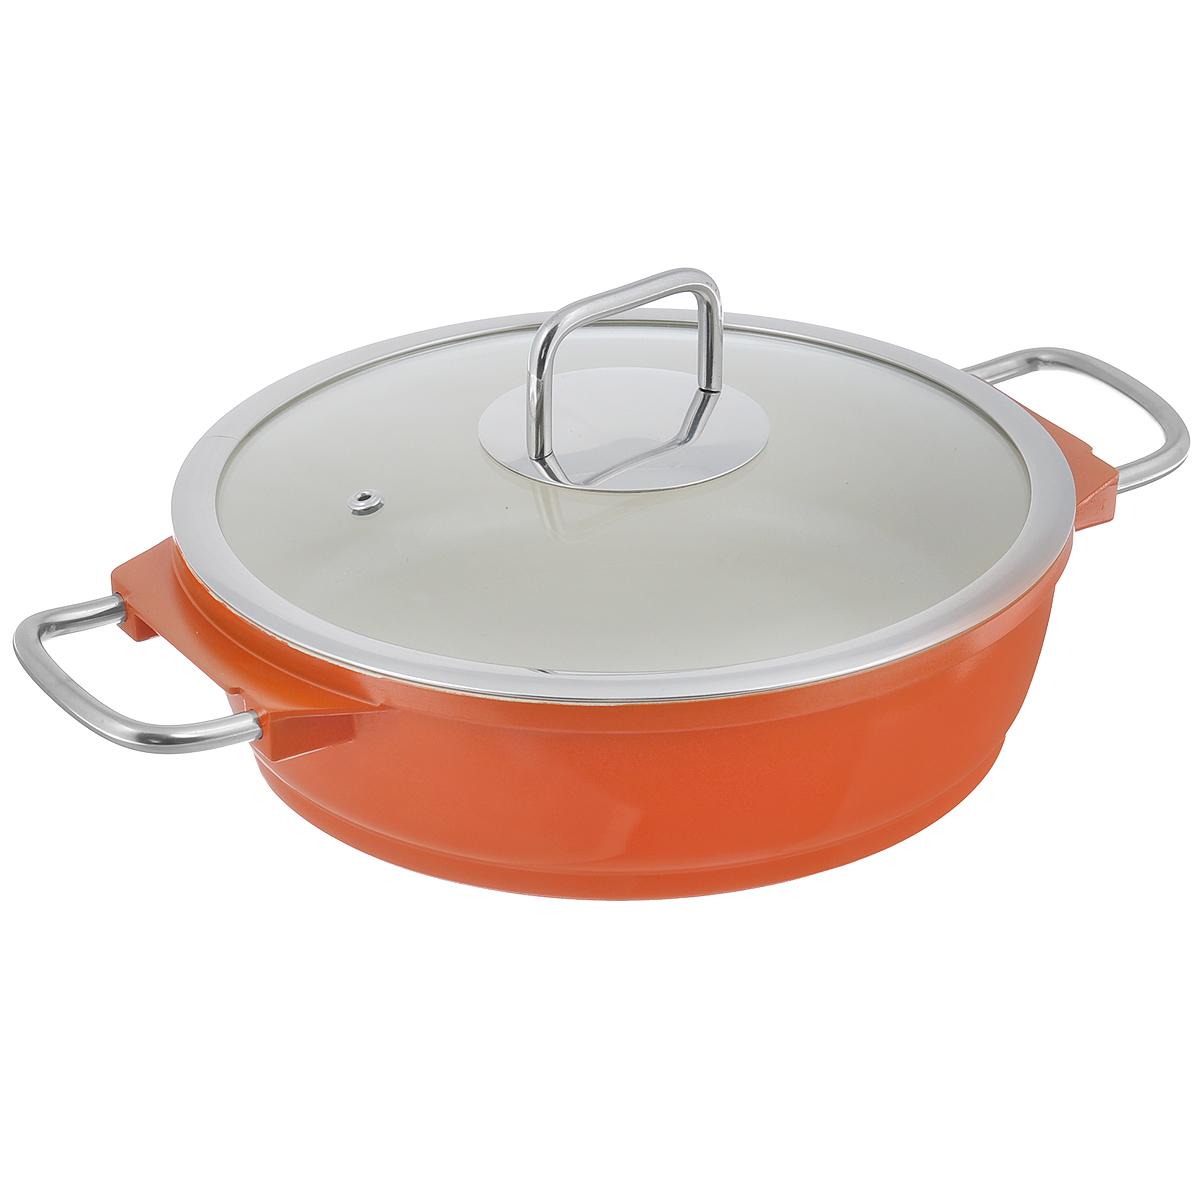 """Кастрюля """"Mayer & Boch"""" с крышкой, с керамическим покрытием, цвет: оранжевый, 2,7 л"""